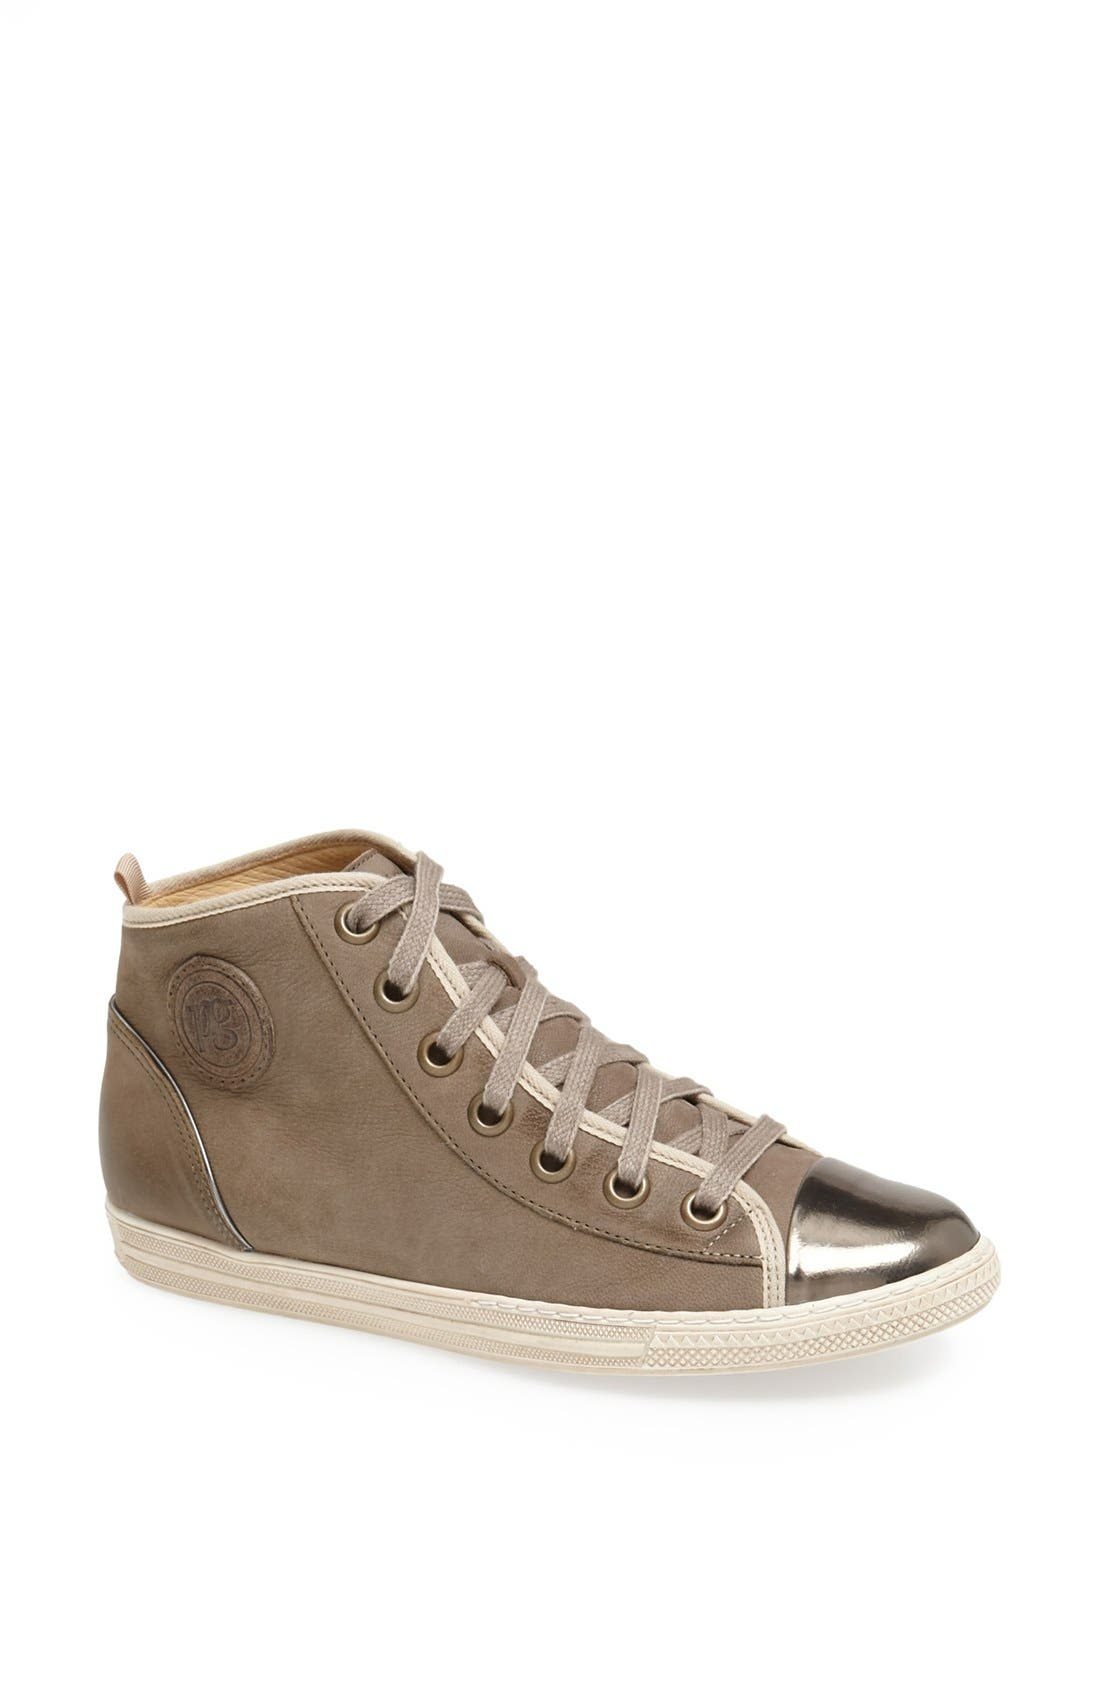 Alternate Image 1 Selected - Paul Green 'Valetta' Sneaker